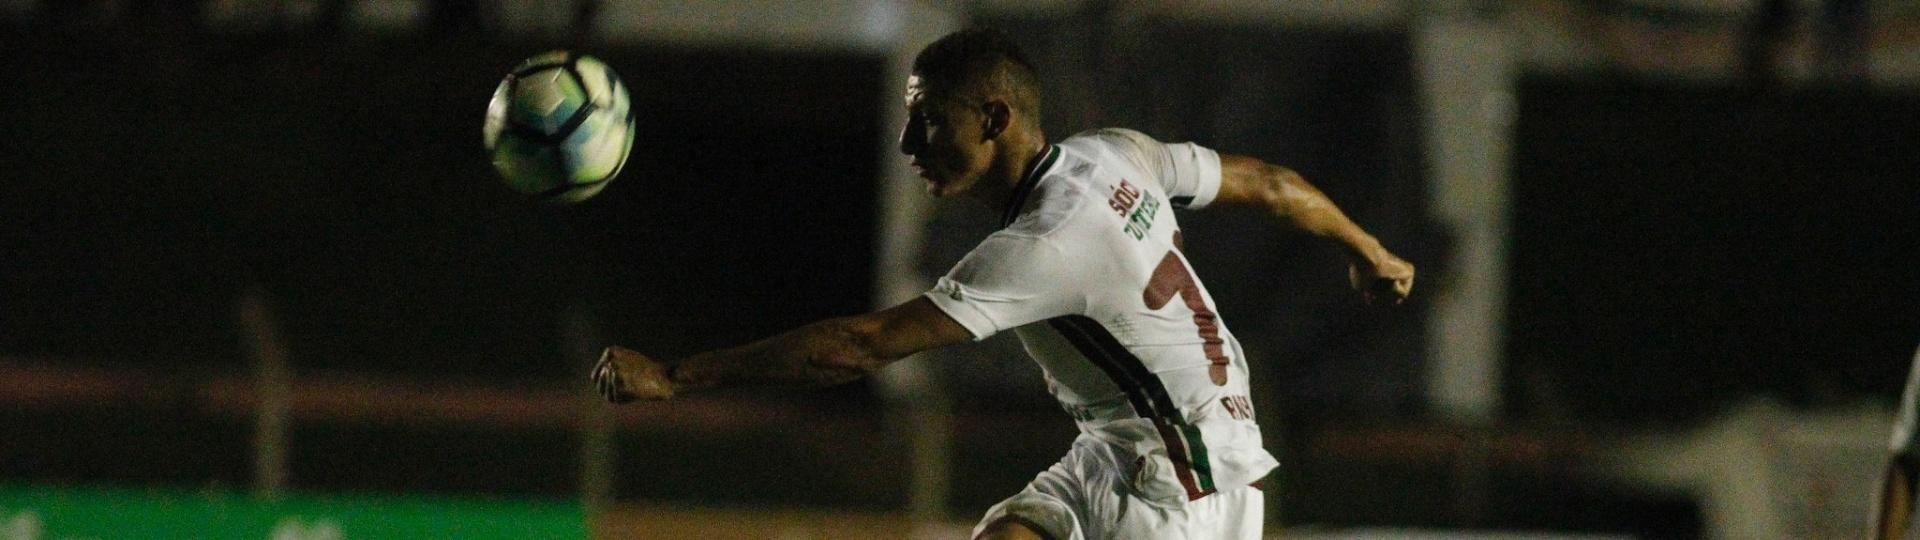 Richarlison tenta armar jogada para o Fluminense diante do Sinop